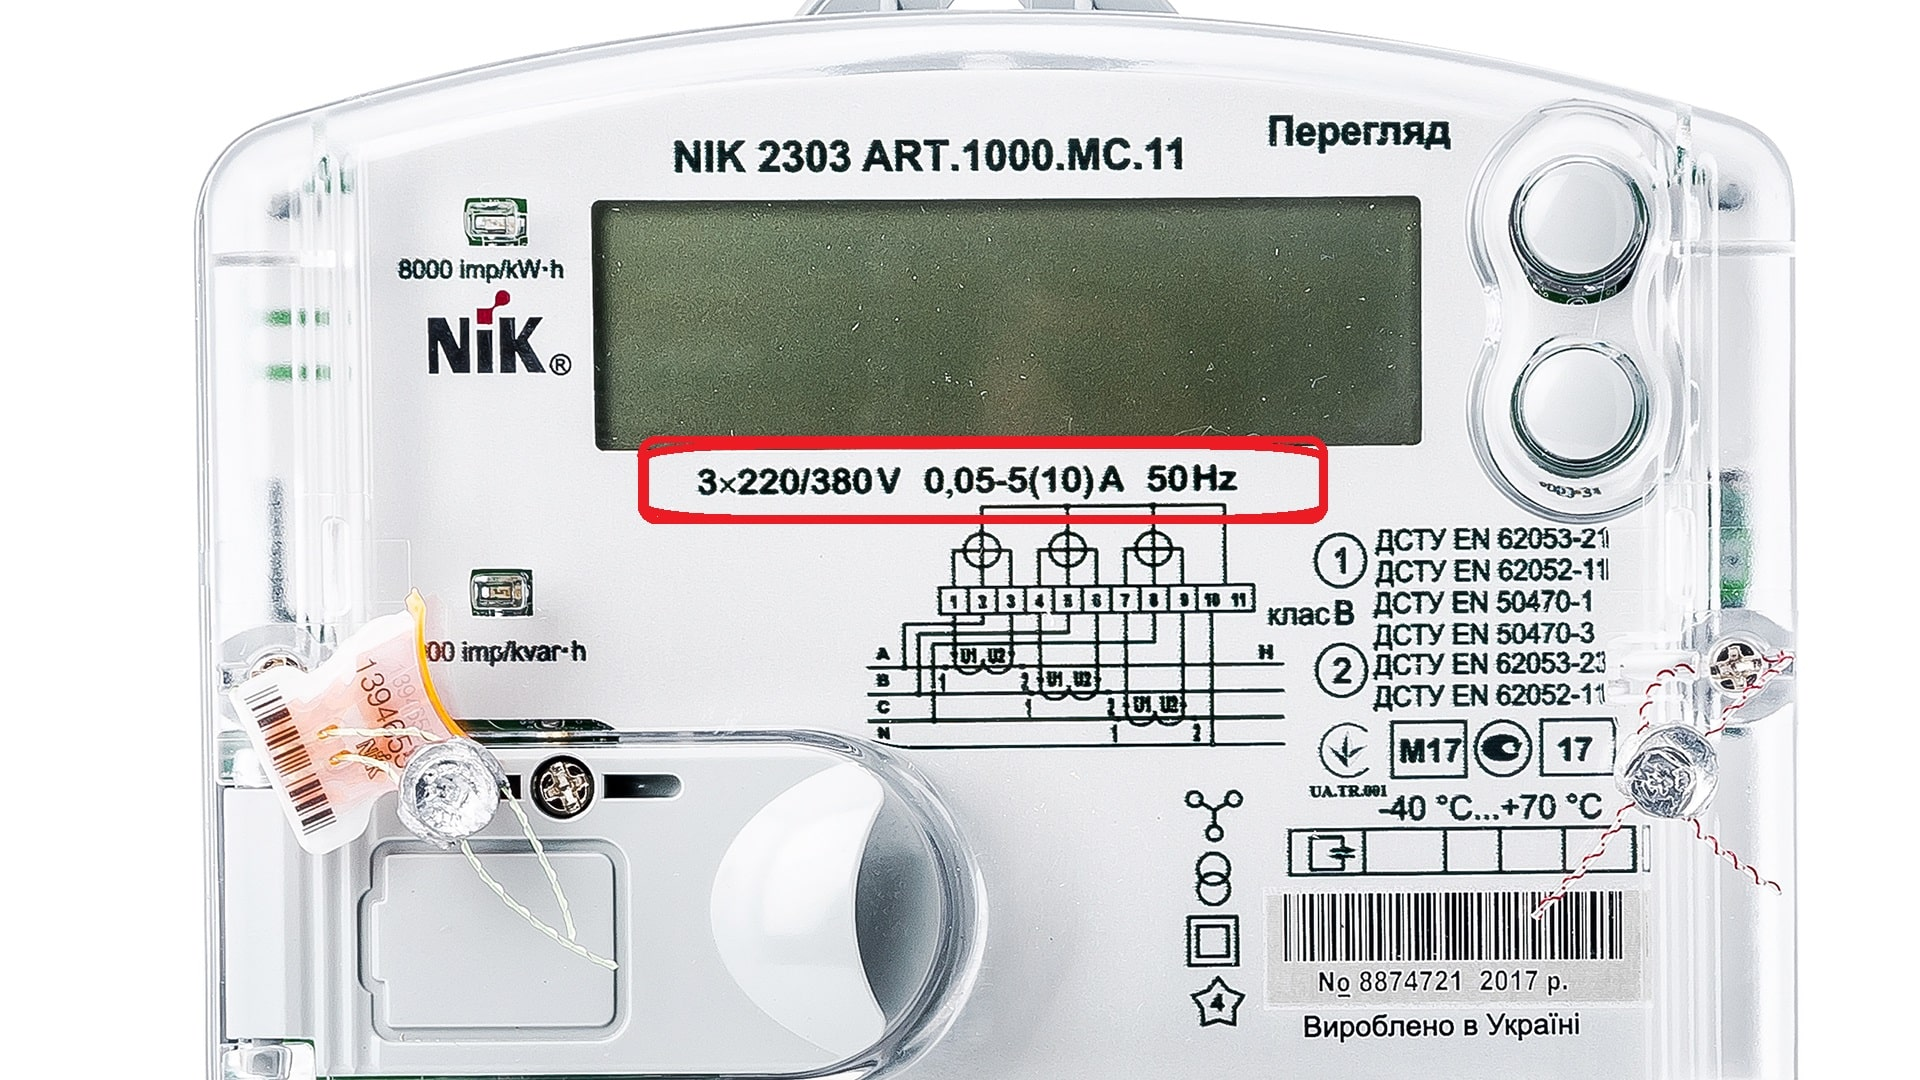 Допустимые величины тока и напряжения электросчетчика